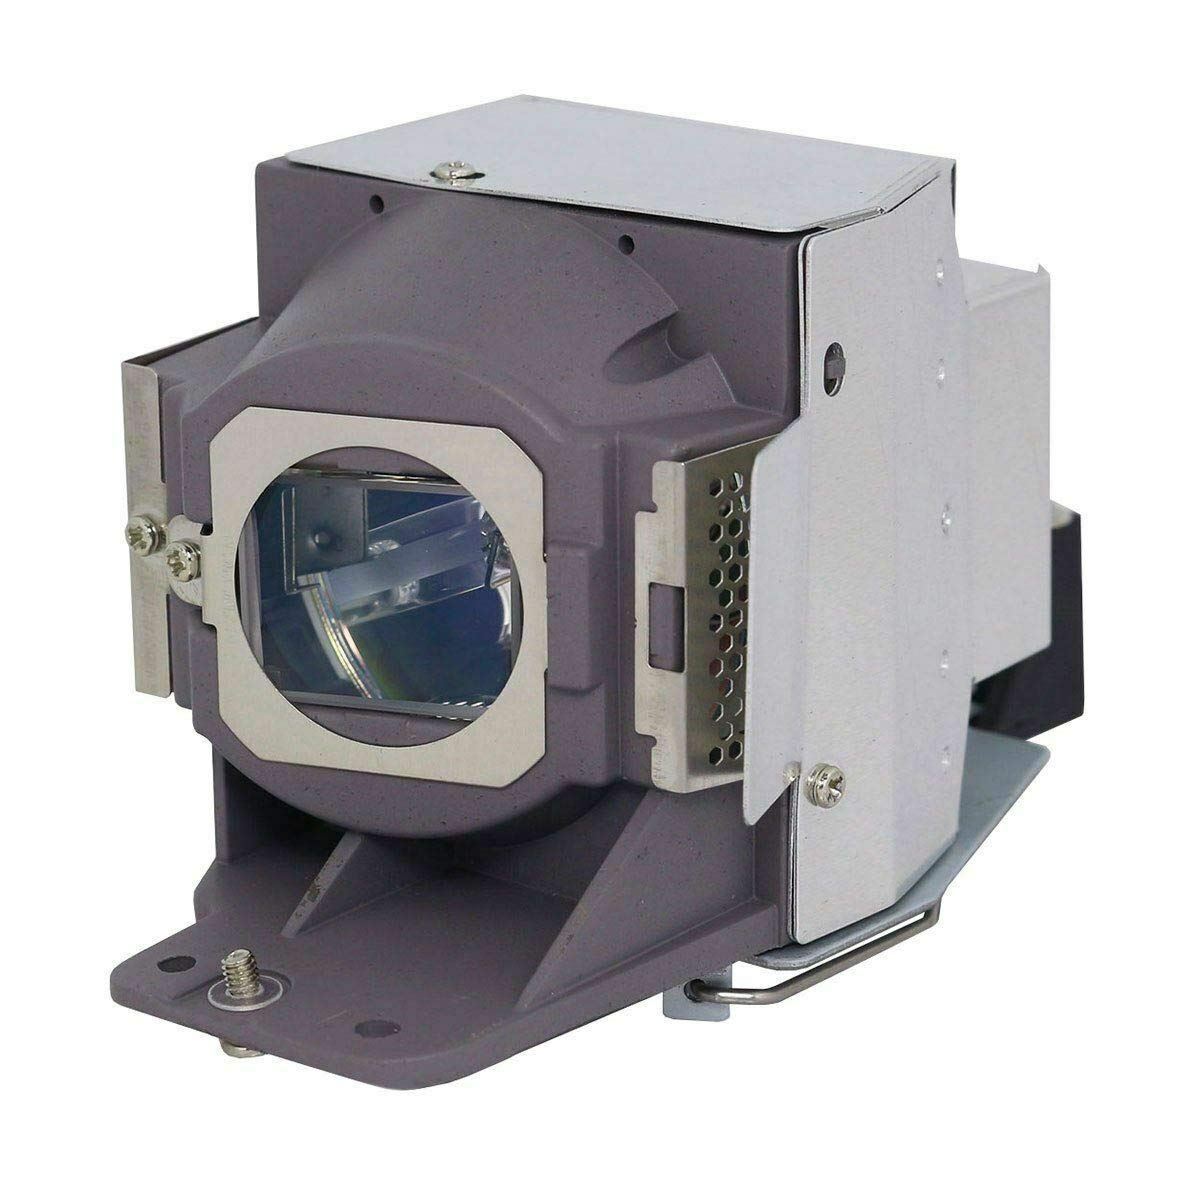 CTLAMP 5J.JAH05.001 プロフェッショナル プロジェクターランプ電球 ハウジング付き 5J.JAH05.001 BENQ MH680と互換性あり   B07Q1FG4QX